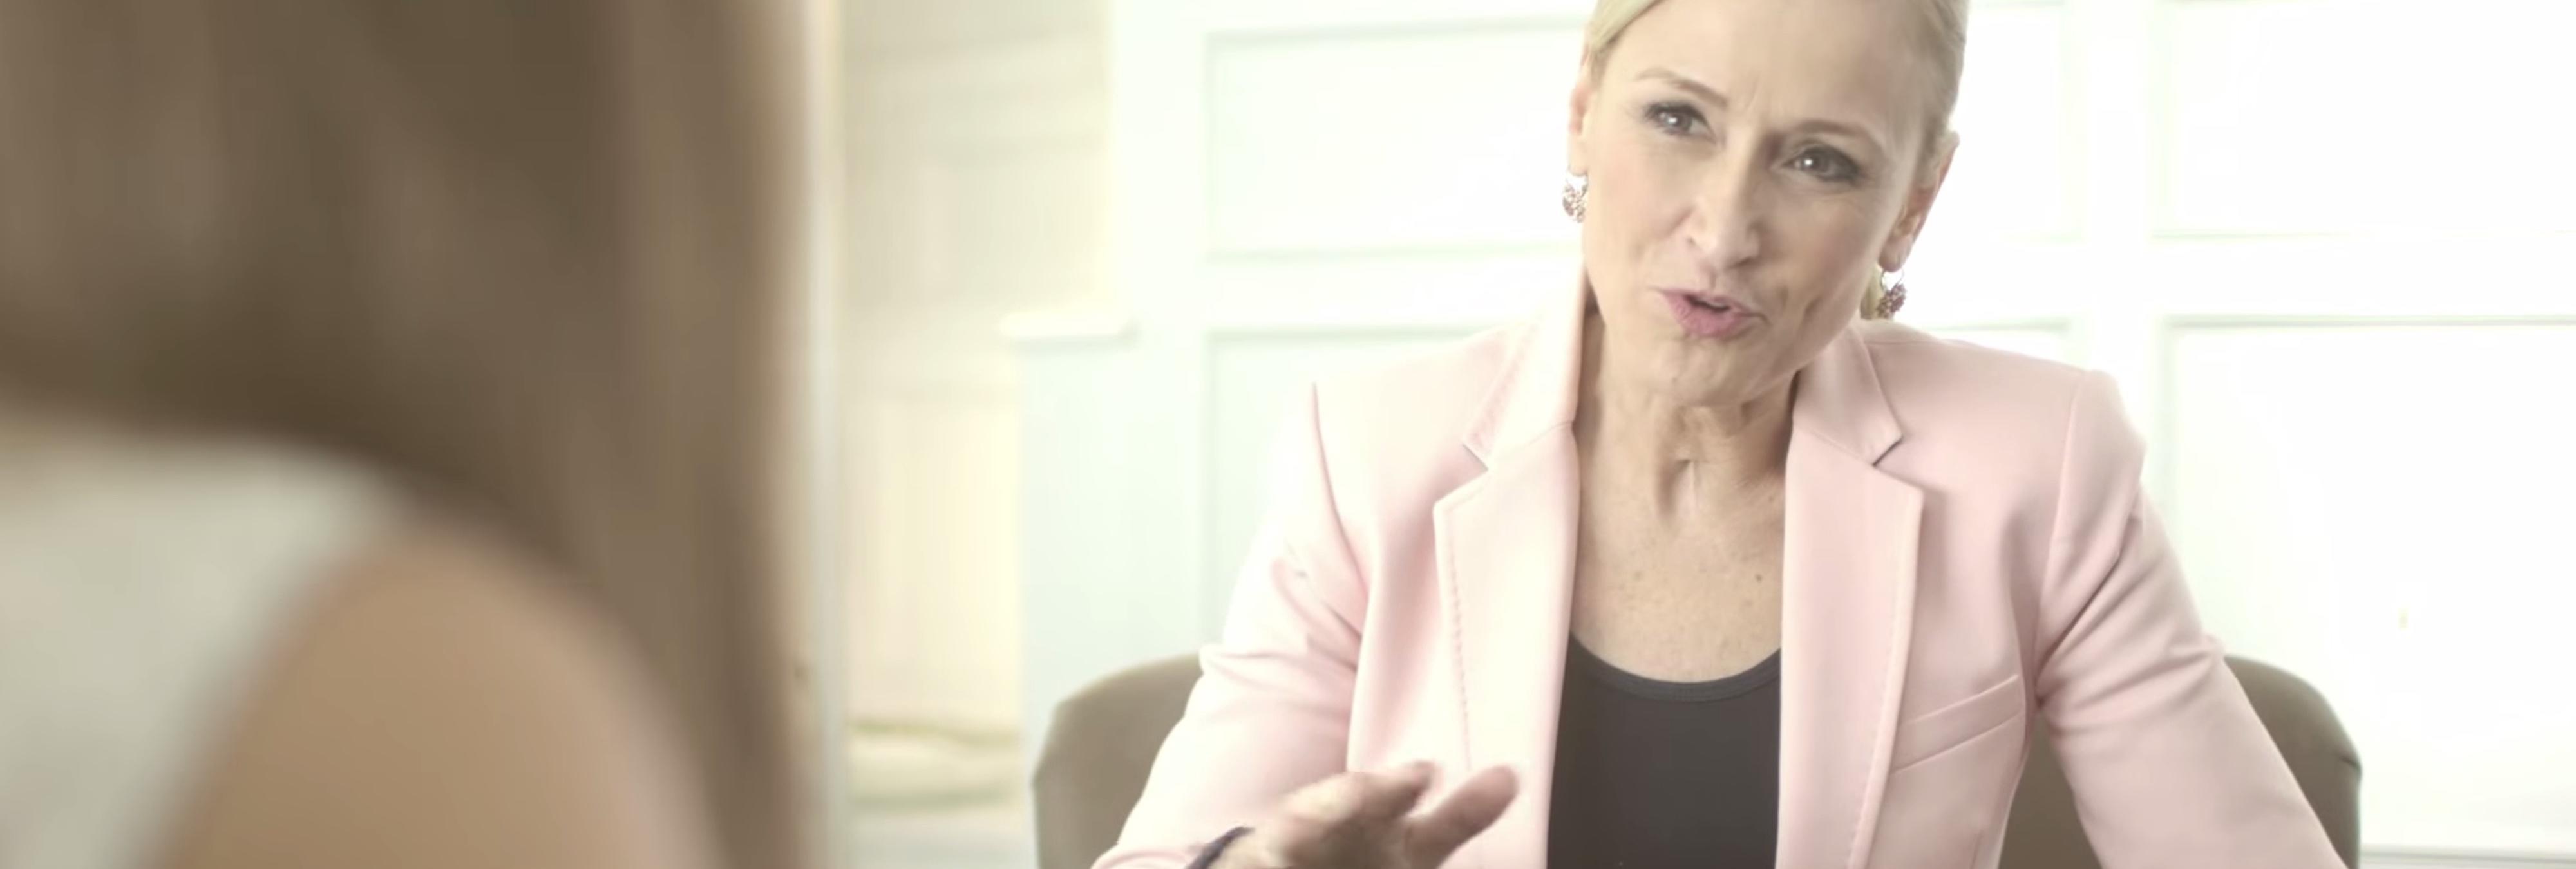 Cristina Cifuentes bajará el precio del abono de transporte a 20 euros... o eso dice